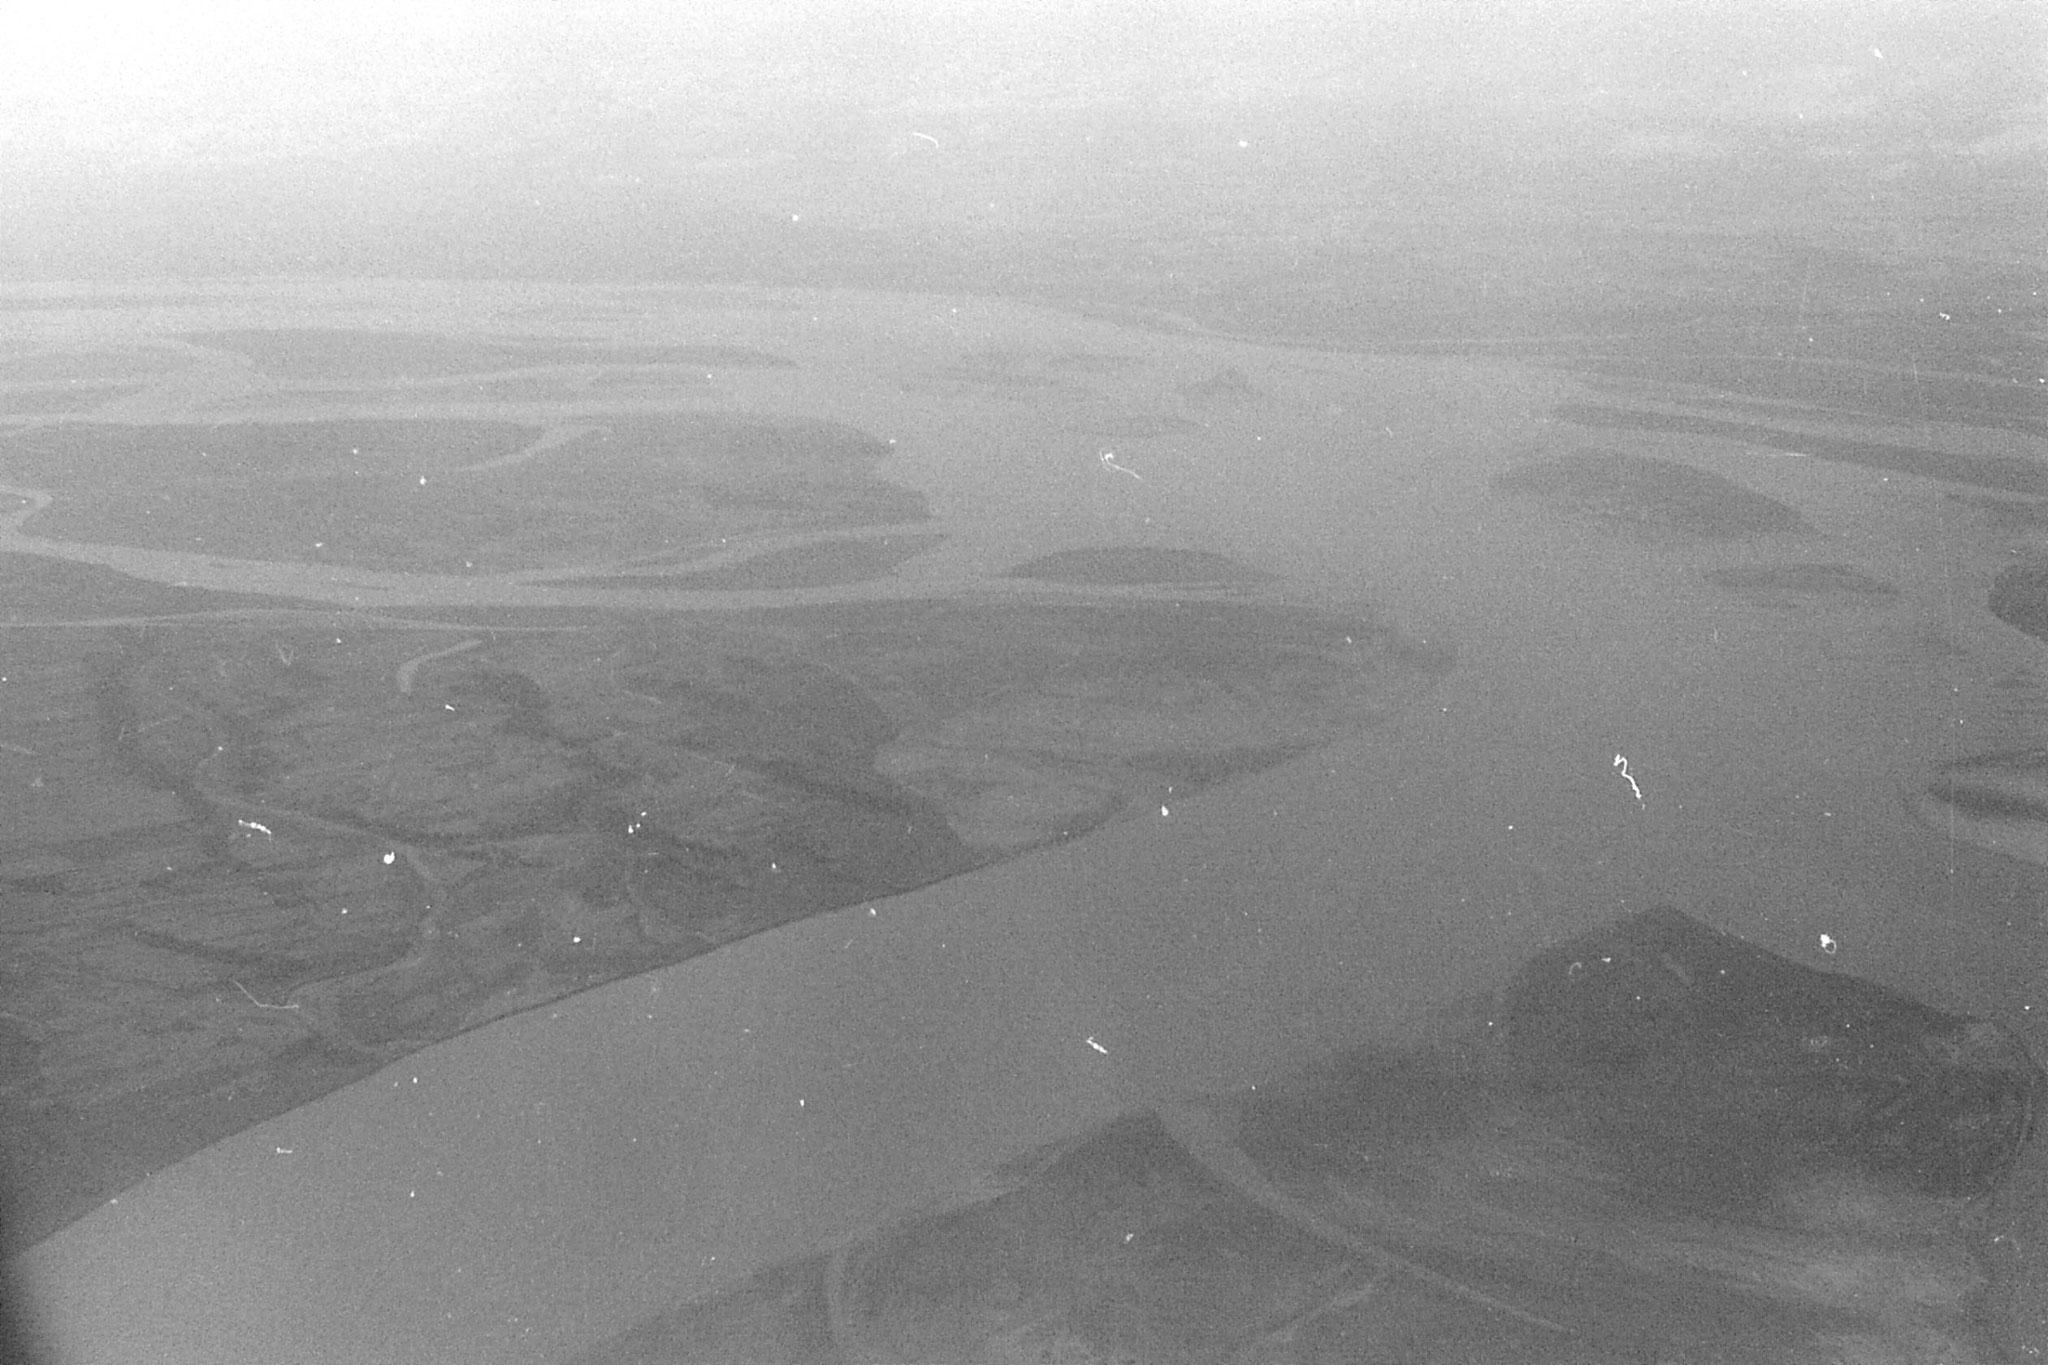 19/4/1990: 22: over Assam